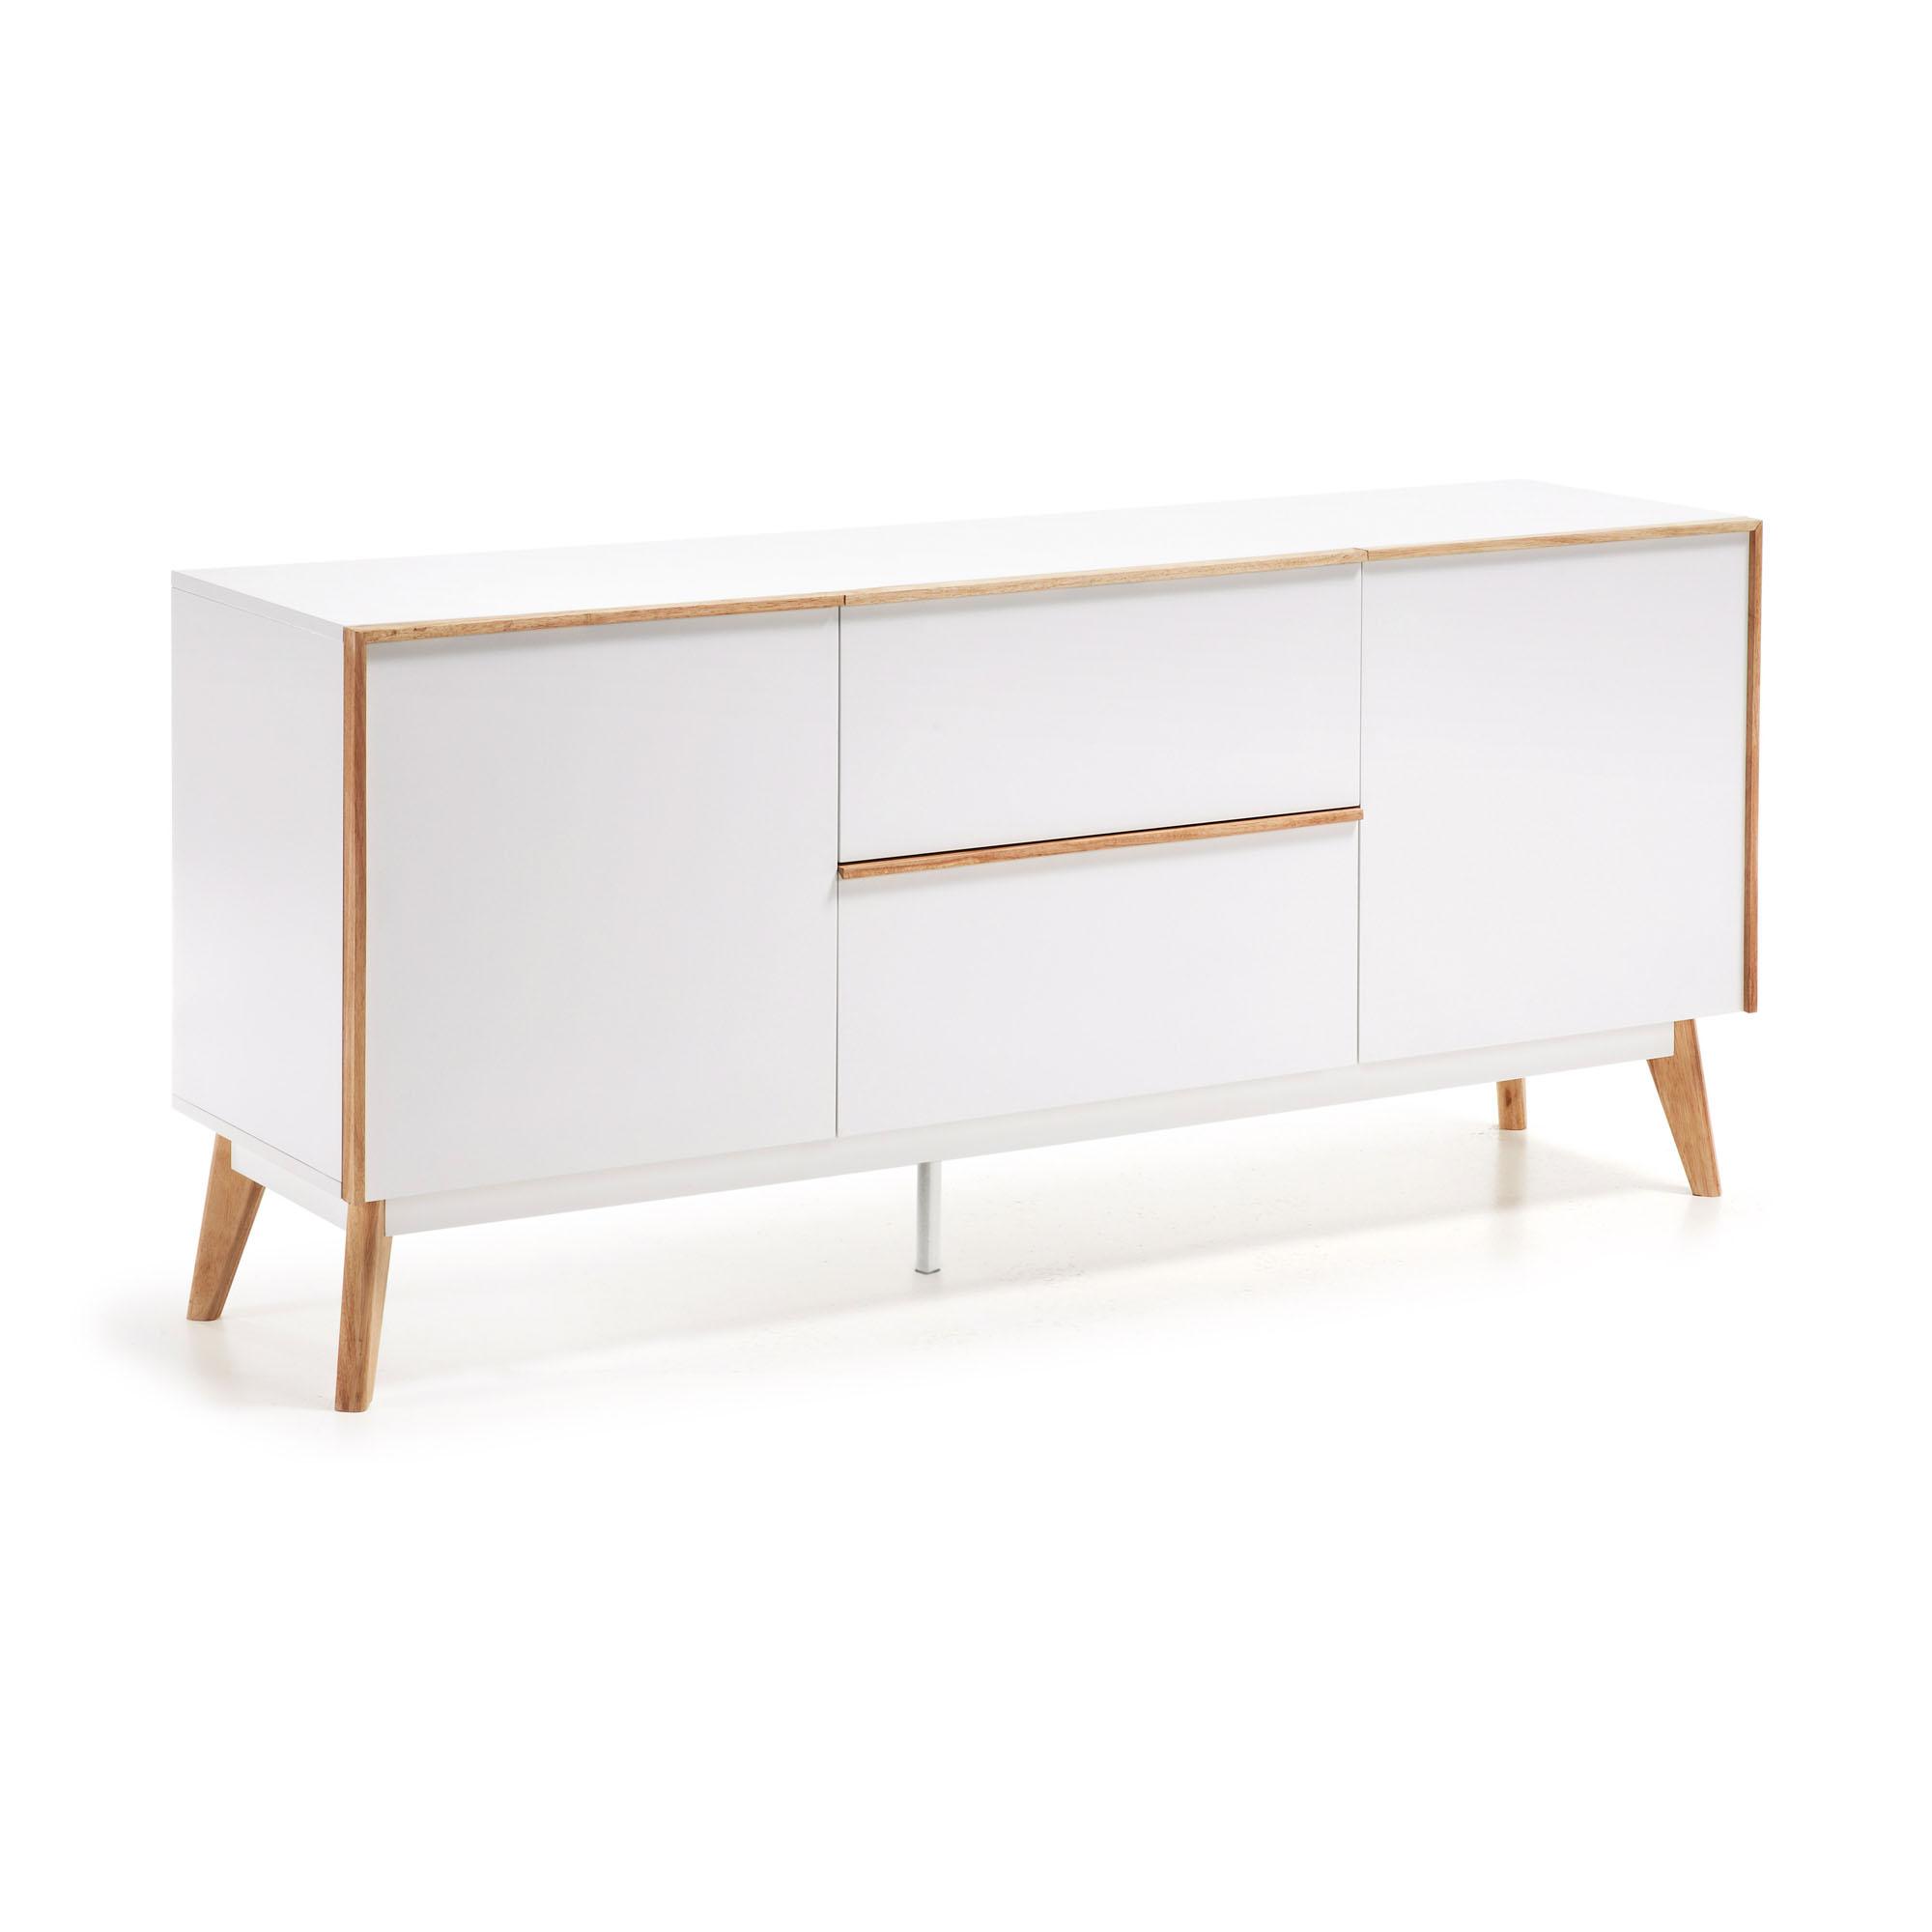 Kave Home - Melan Sideboard 160 x 72 cm | Wohnzimmer > Schränke | Kave Home